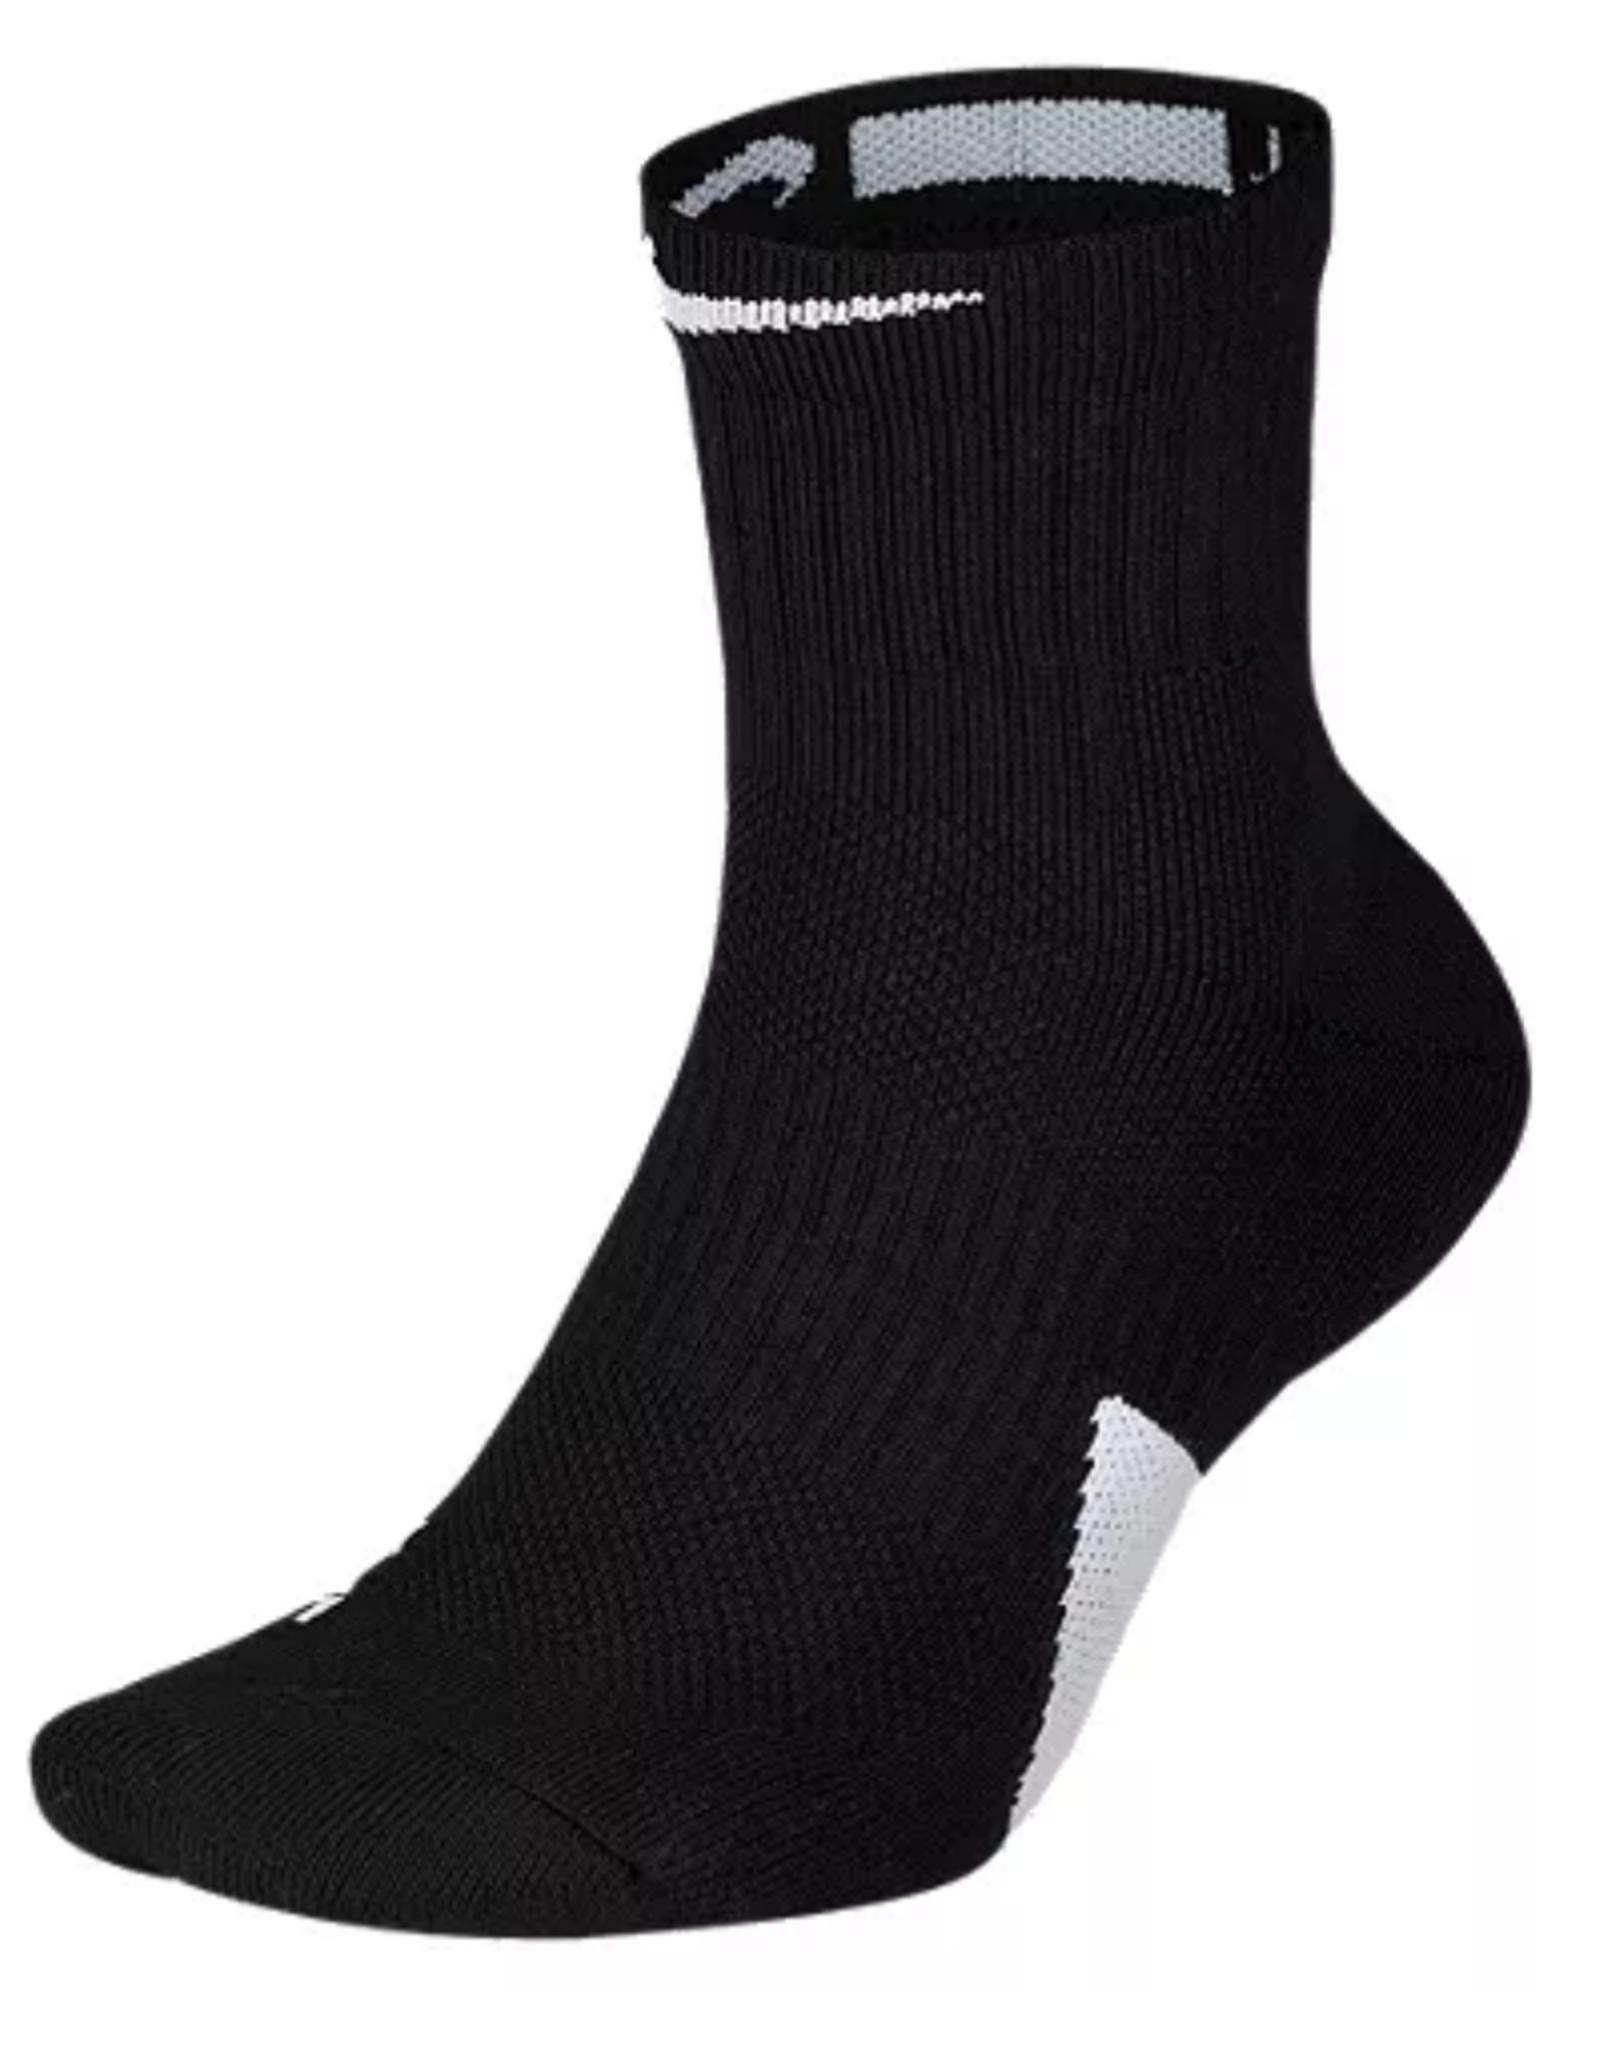 Nike Elite Mid Ankle Sock Black